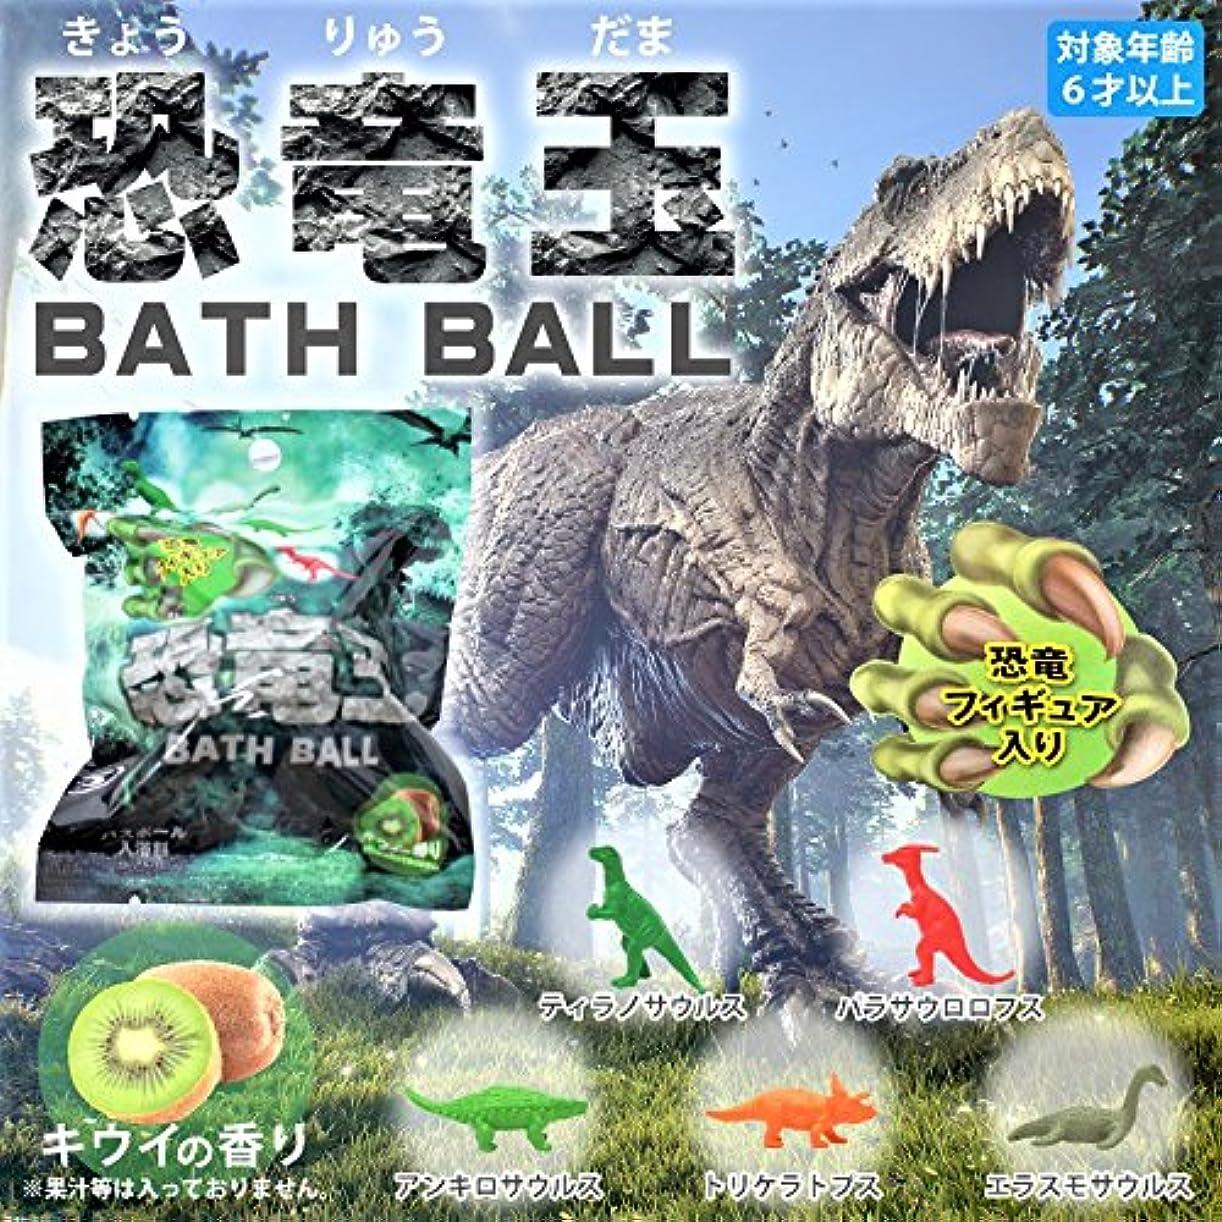 疎外エアコン倒錯恐竜玉バスボール 6個1セット キウイの香り 恐竜フィギュア入りバスボール 入浴剤